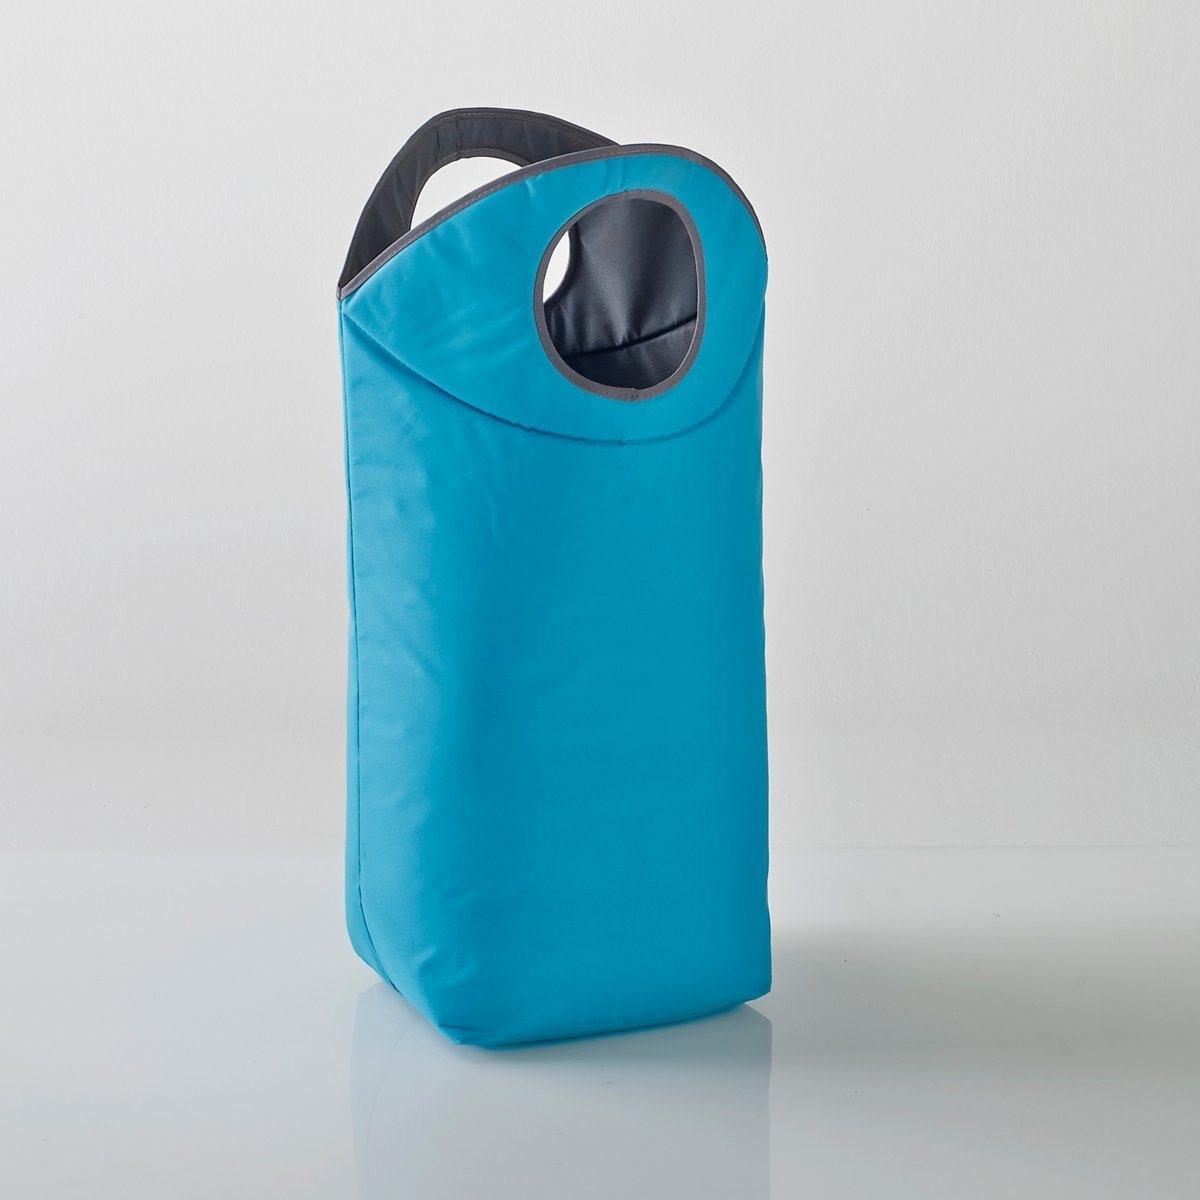 Корзина для белья или хранения.Характеристики корзины для белья или хранения:100% полиэстера. Двухцветные ручки, кант серого цвета.Размеры корзины для белья или хранения:Высота: 78 смШирина: 54 см.Глубина: 30 см.<br><br>Цвет: бирюзовый,темно-серый<br>Размер: единый размер.единый размер